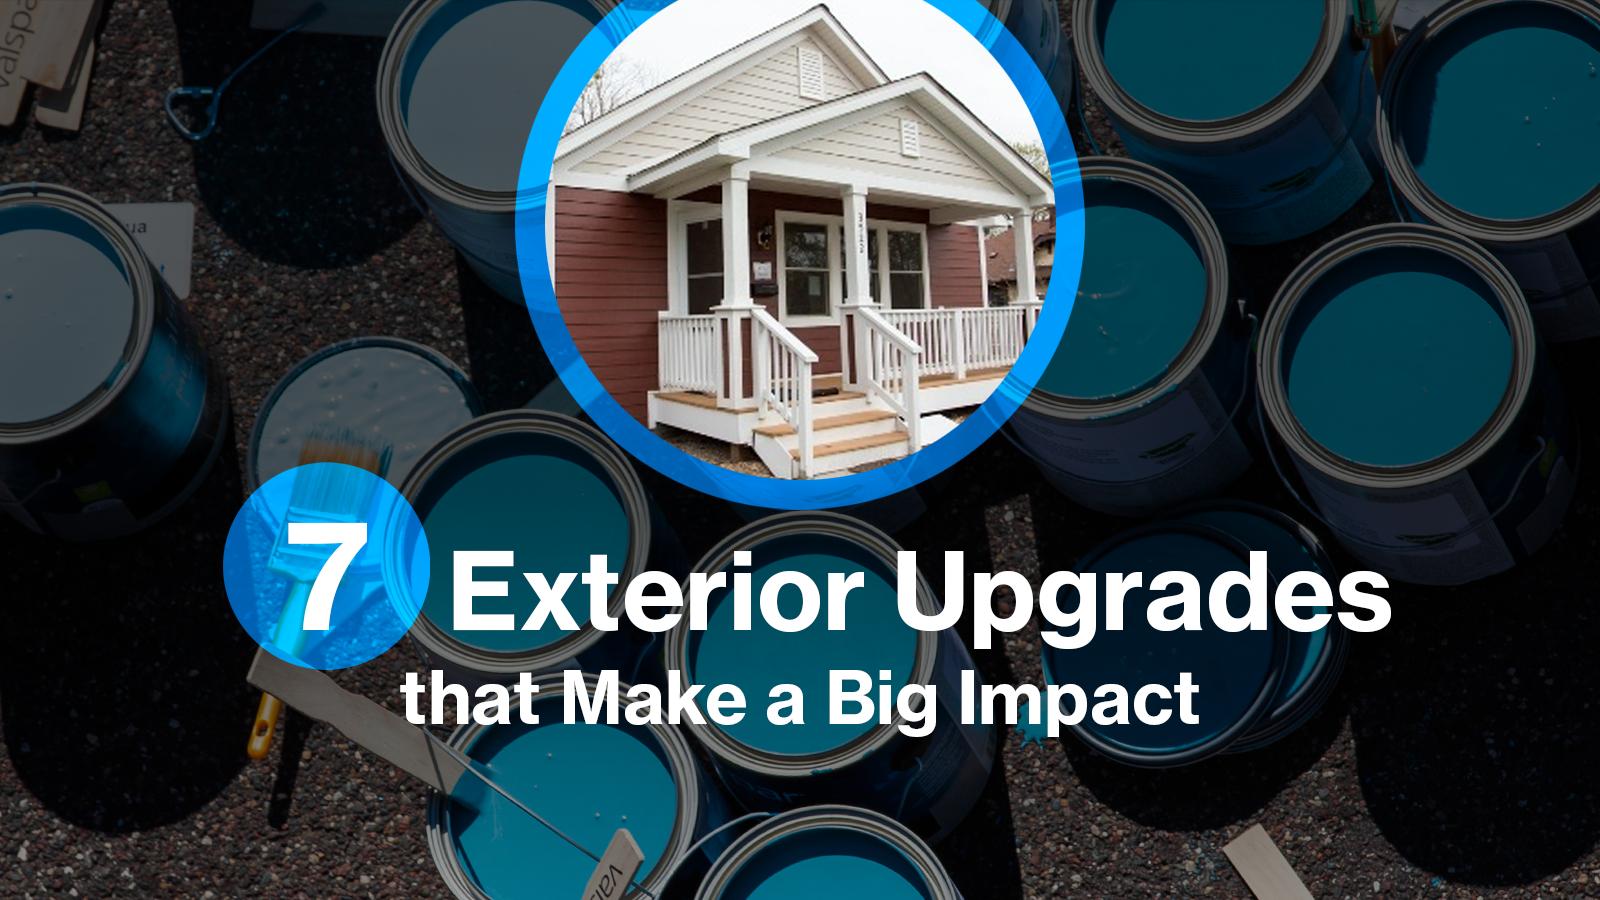 7 exterior upgrades that make a big impact